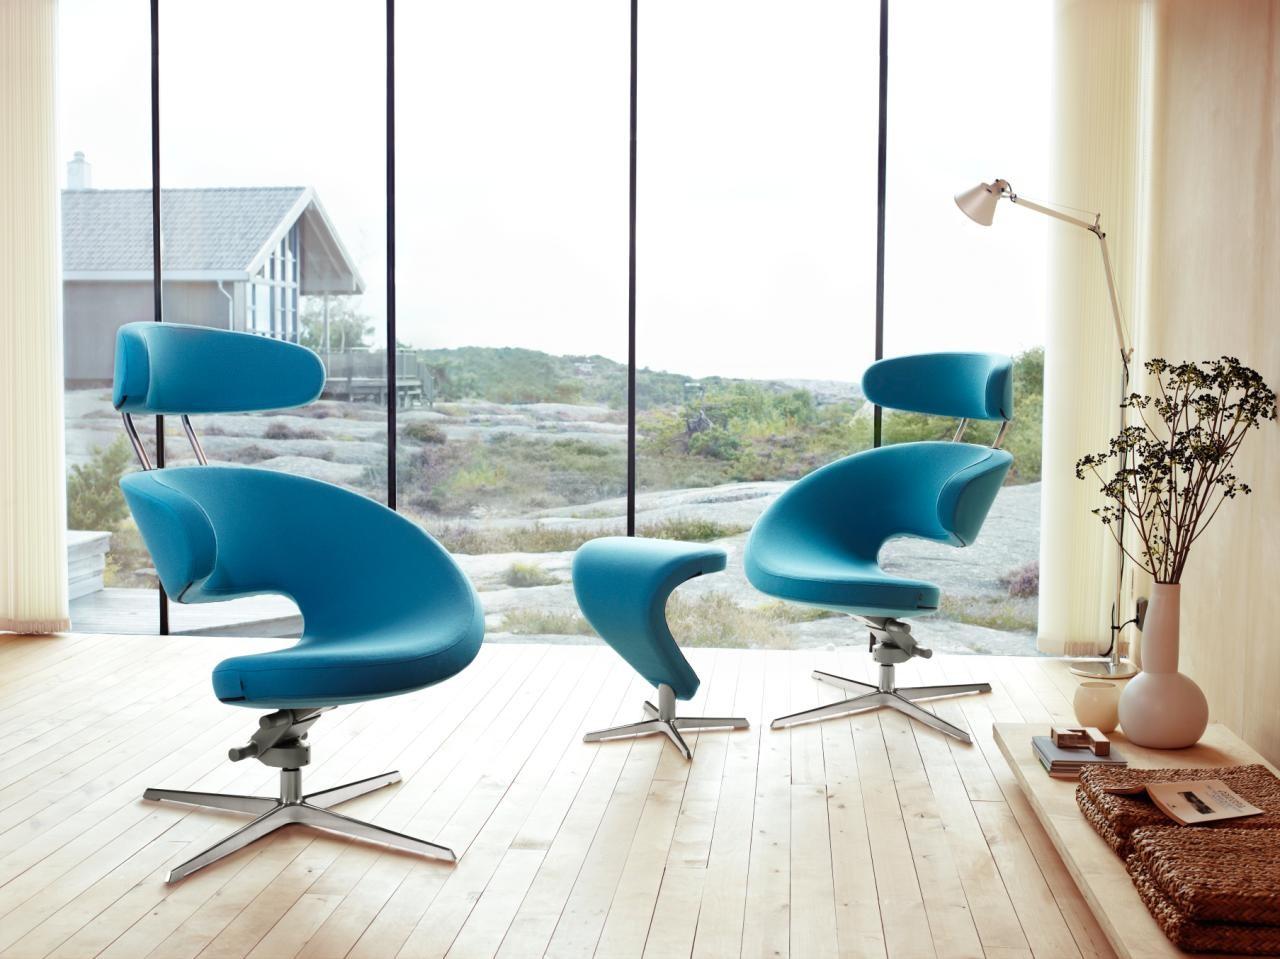 Peel lenestol | Møbelgalleriet Stavanger | Designmøbler